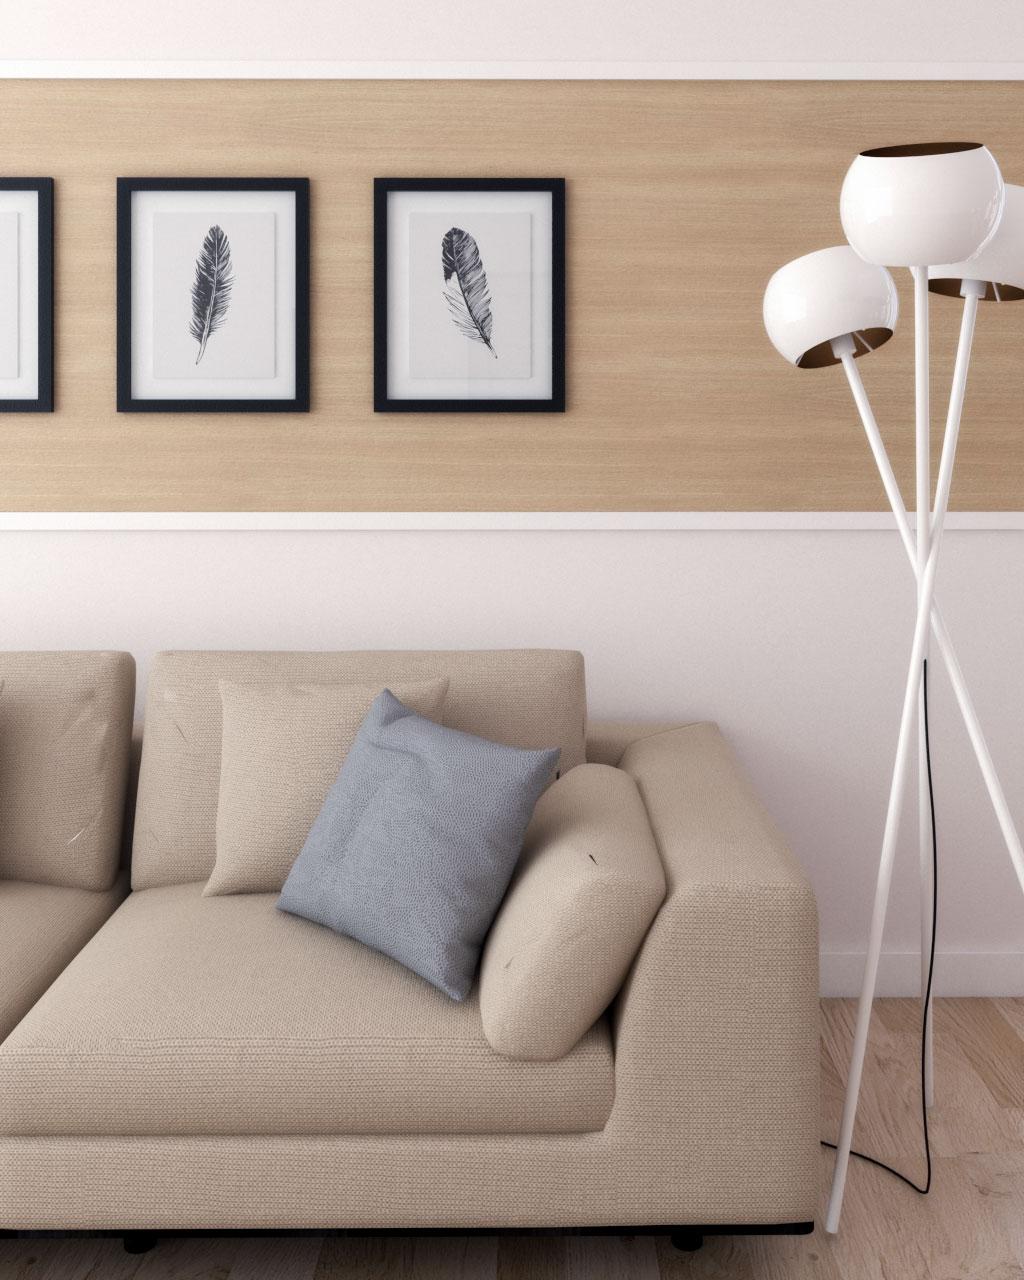 horizontal wood panel for wall